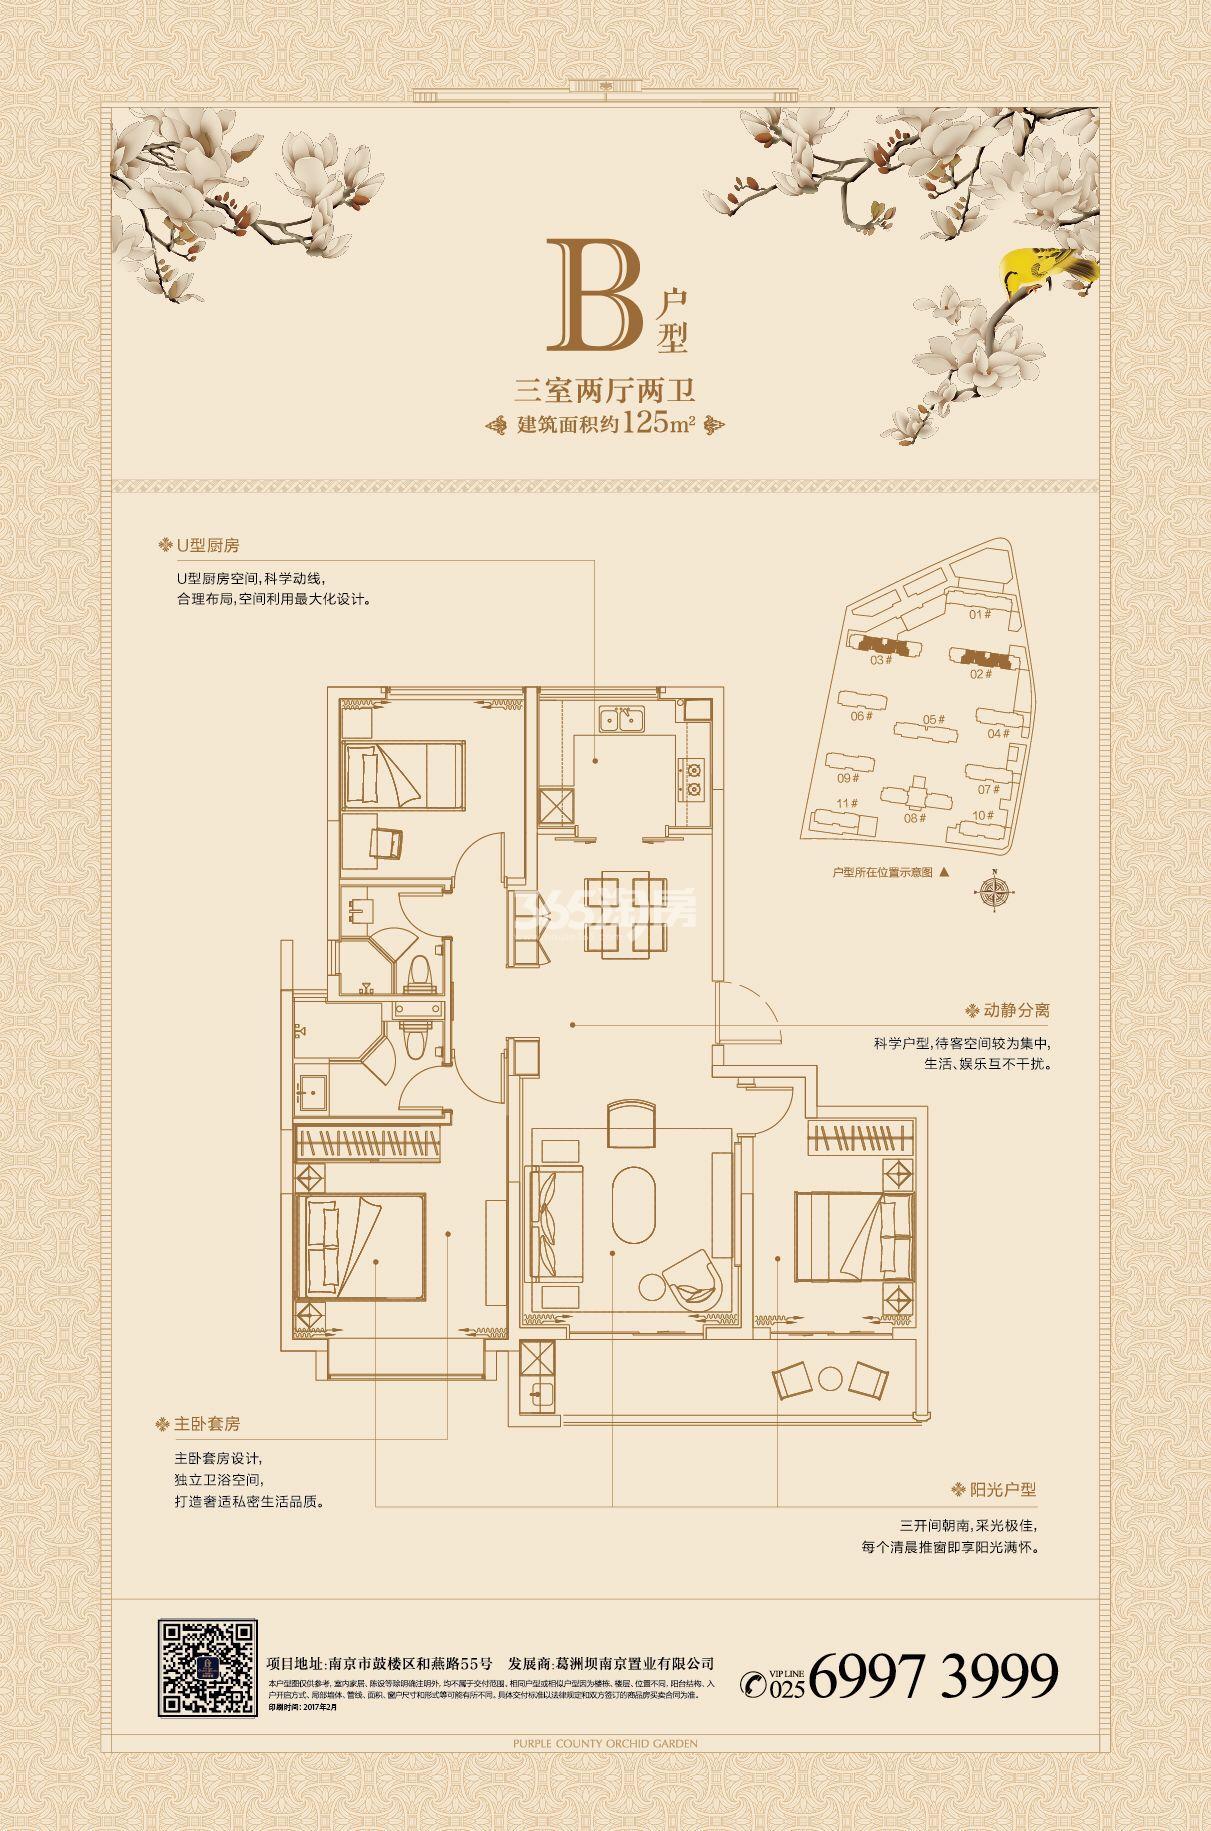 葛洲坝招商紫郡蘭园125㎡3室2厅2卫户型图